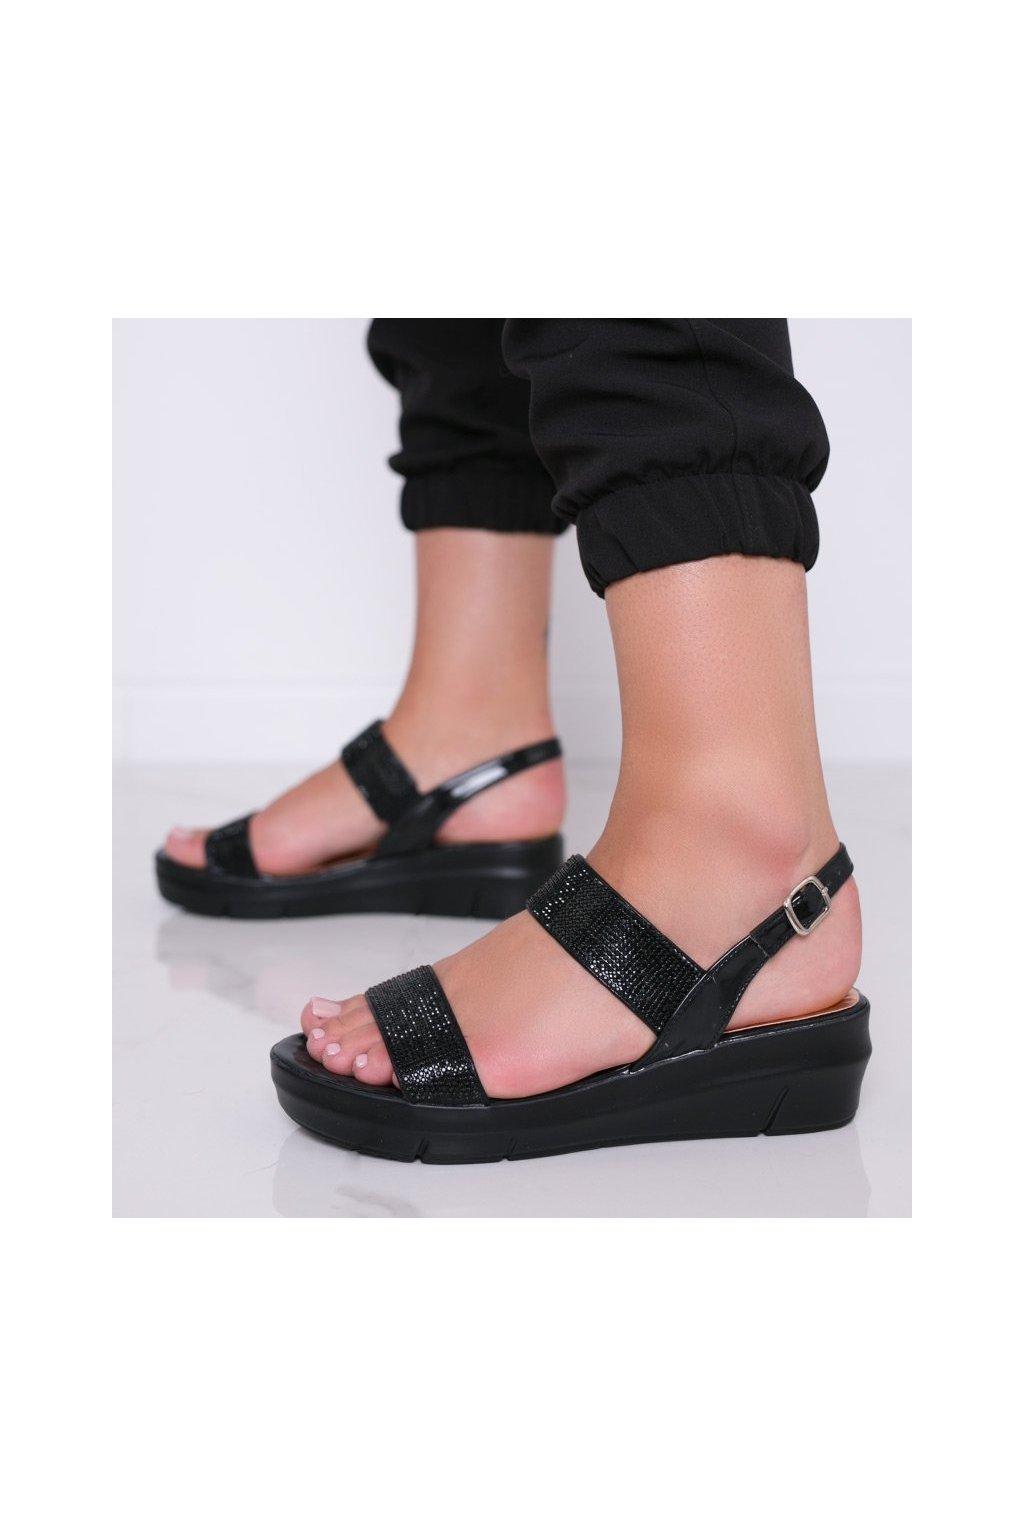 Dámske topánky sandále čierne kód A89912 - GM